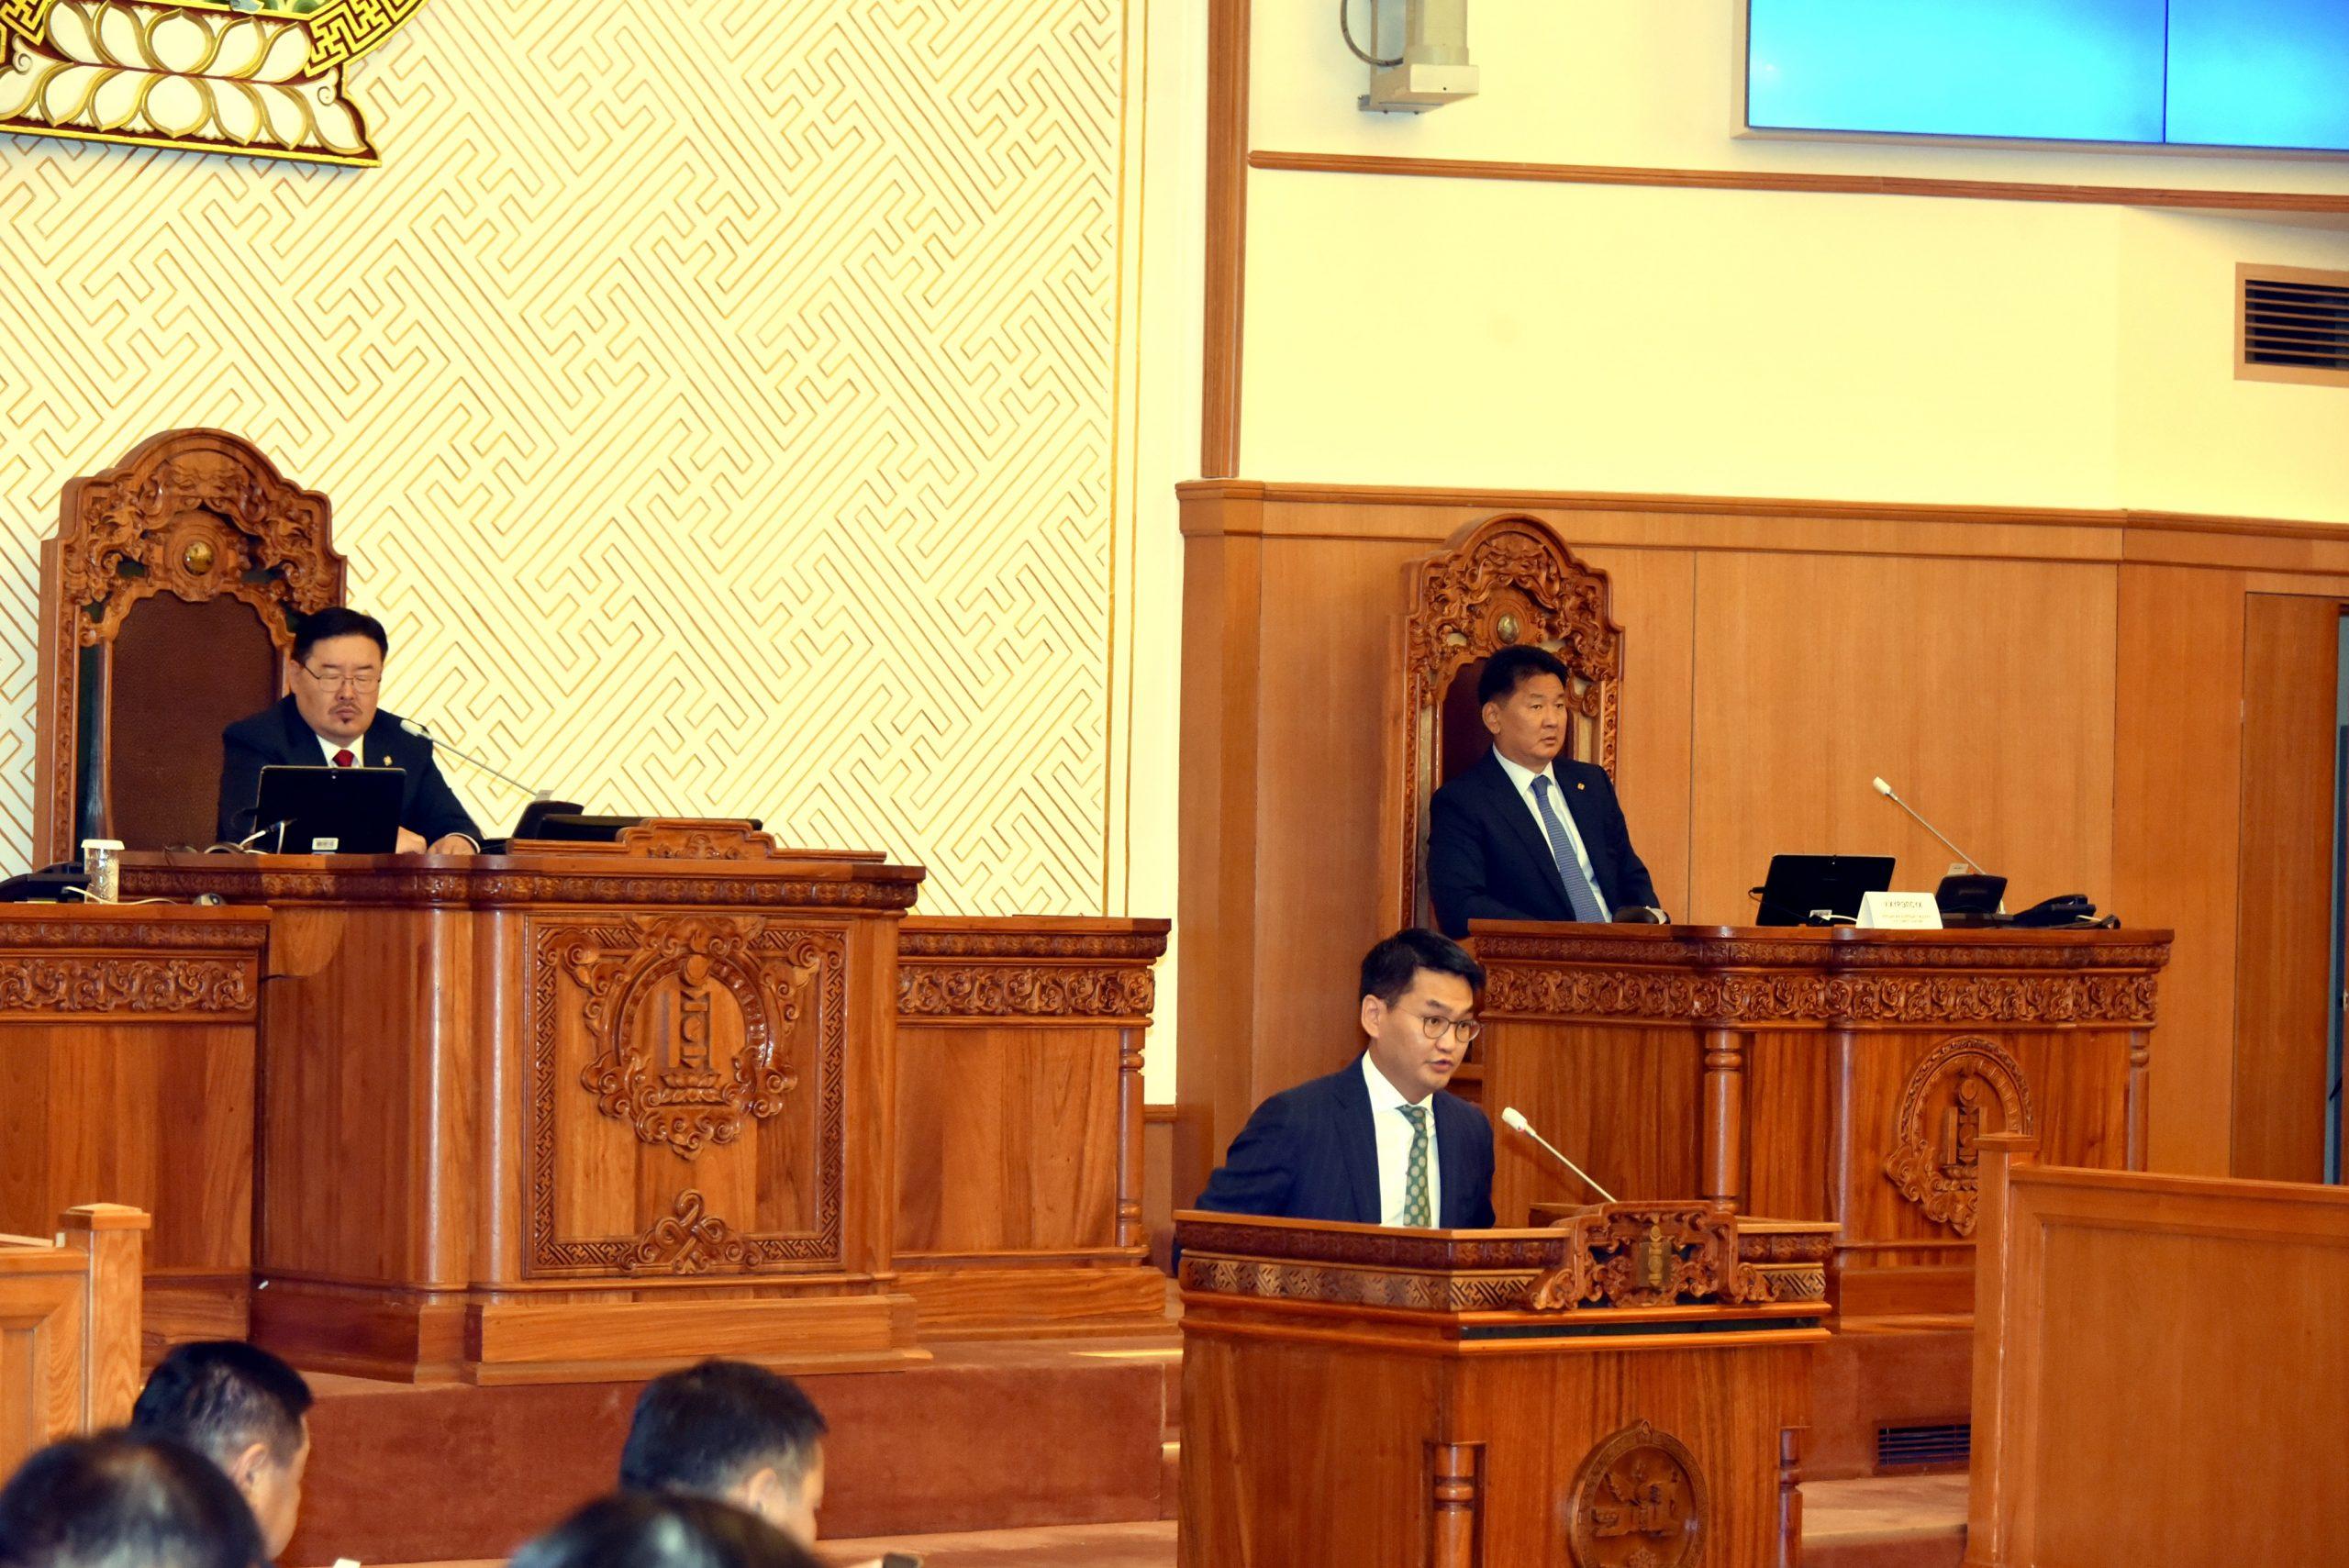 Монгол Улсын Ерөнхий сайдаар томилох саналыг УИХ-ын чуулганы нэгдсэн хуралдаанд танилцууллаа